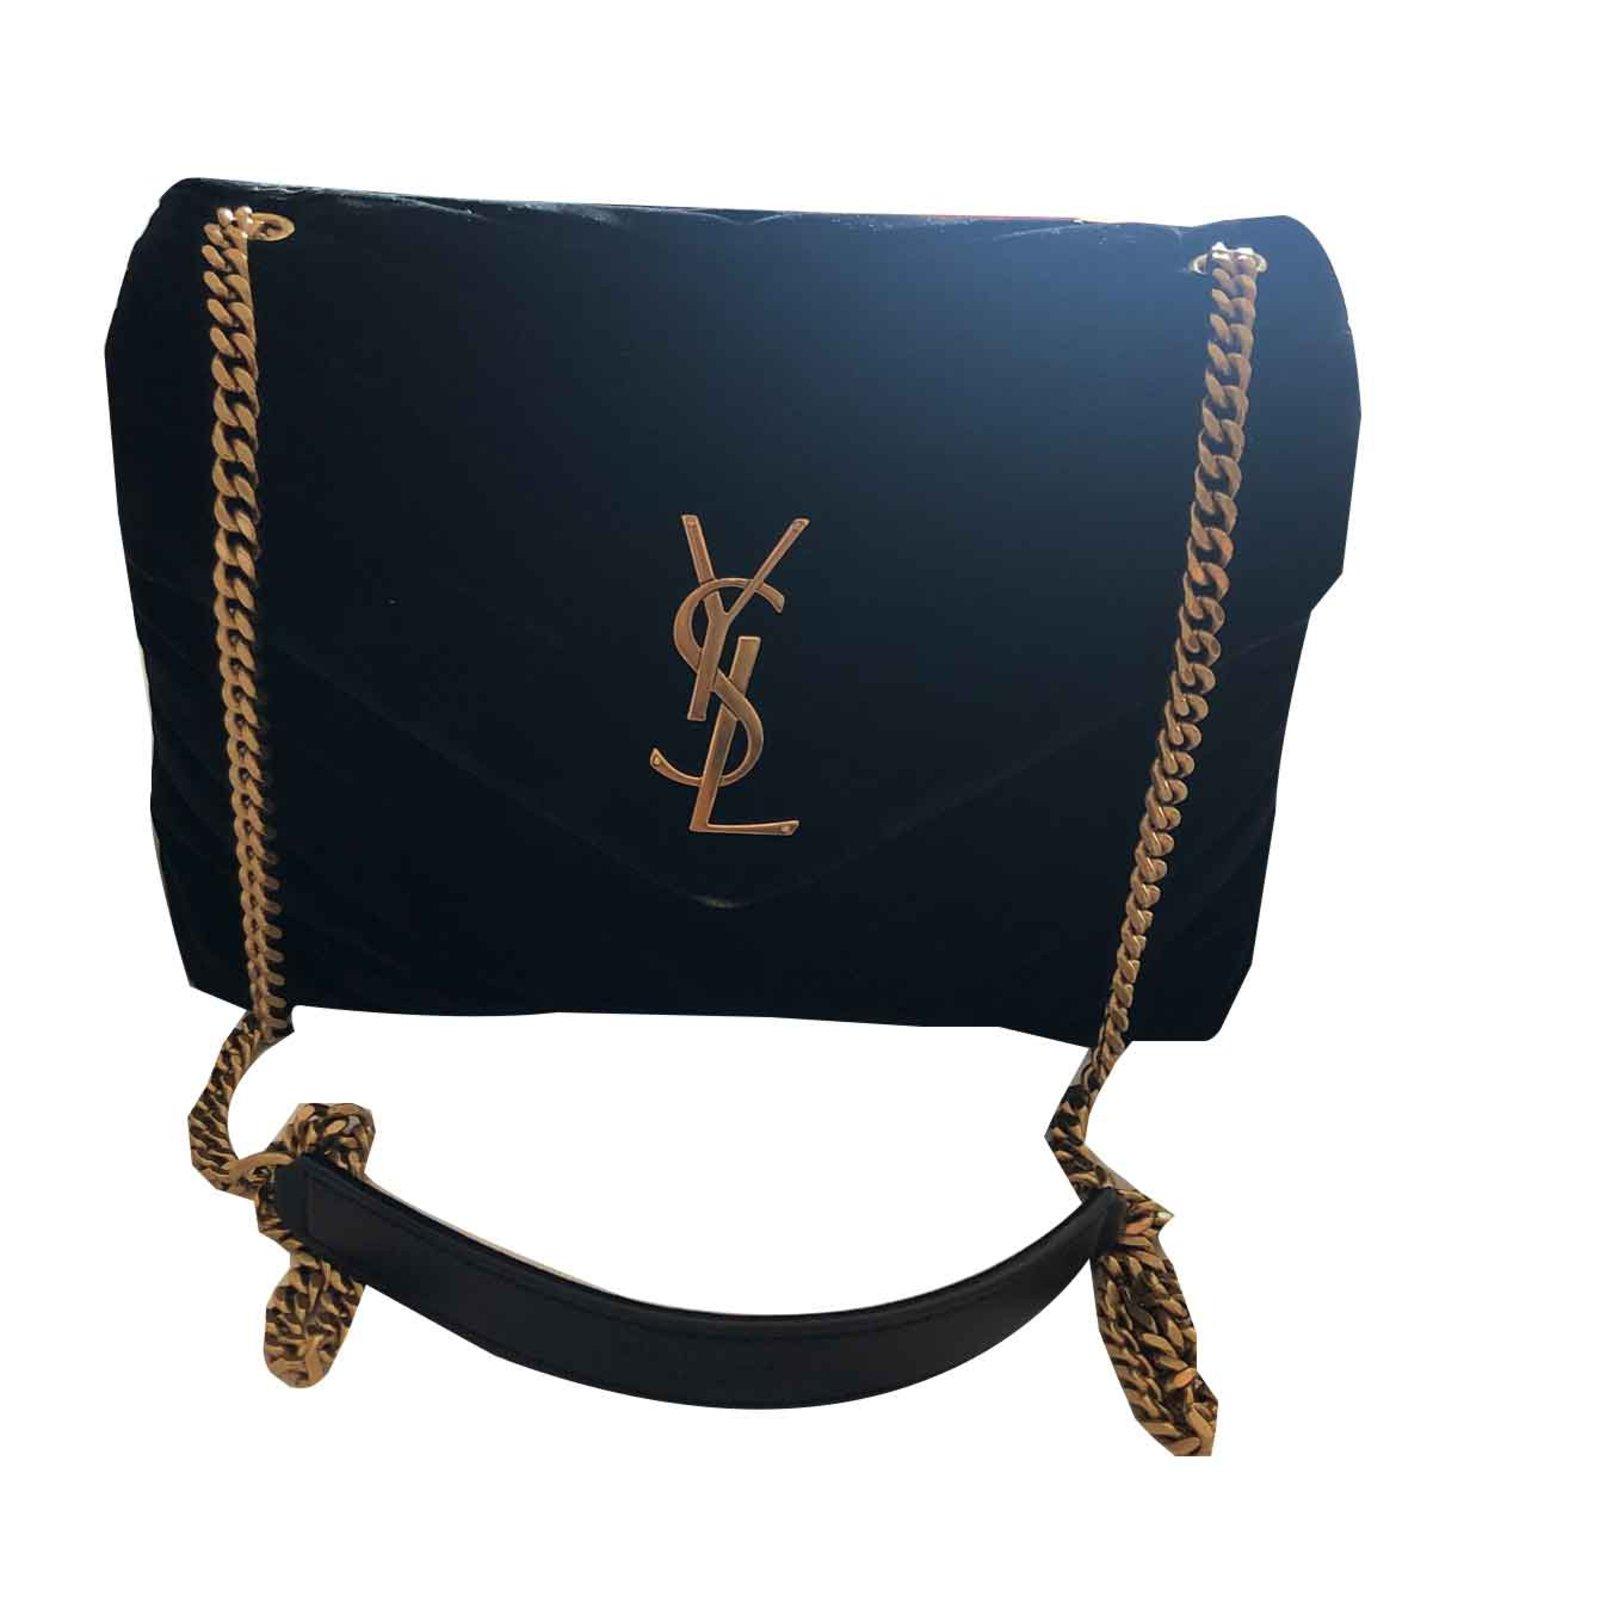 1205a10d1316 Saint Laurent Black velvet loulou Handbags Velvet Black ref.101716 ...